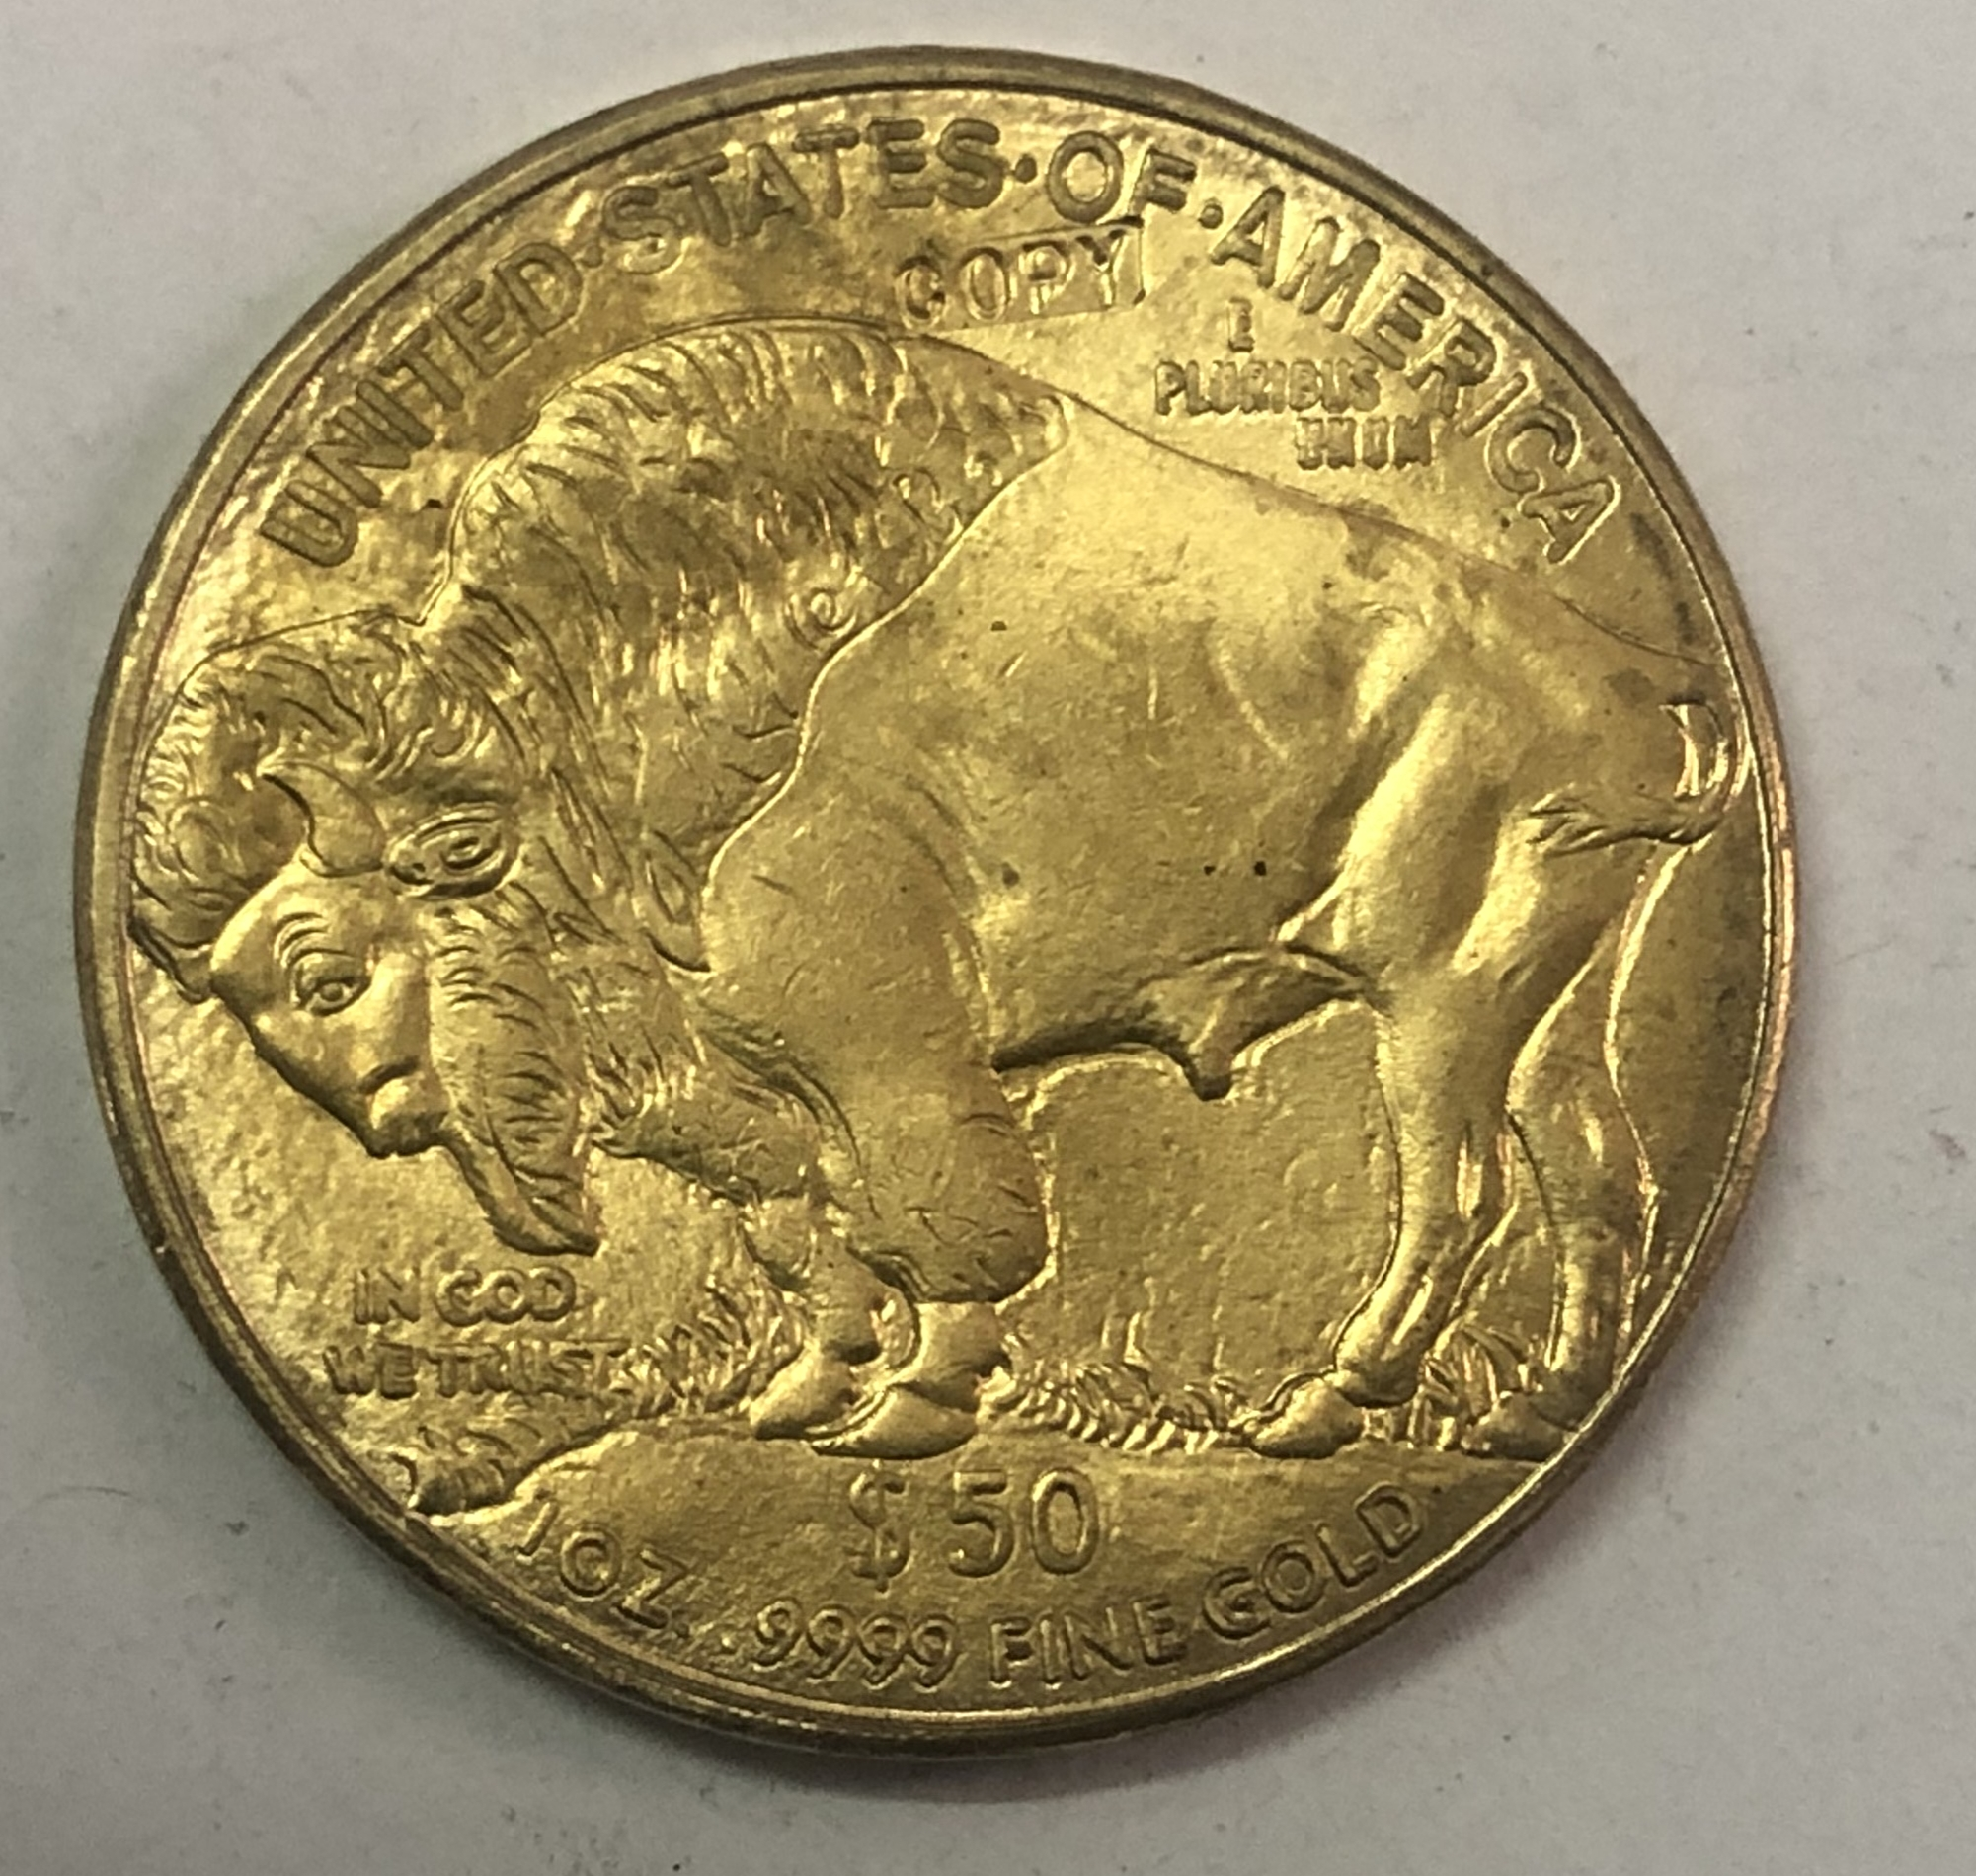 """2008 دولار أمريكي 50 دولار """"جاموس أمريكي"""" سبائك الذهب عملة عملات غير رسمية    - AliExpress"""